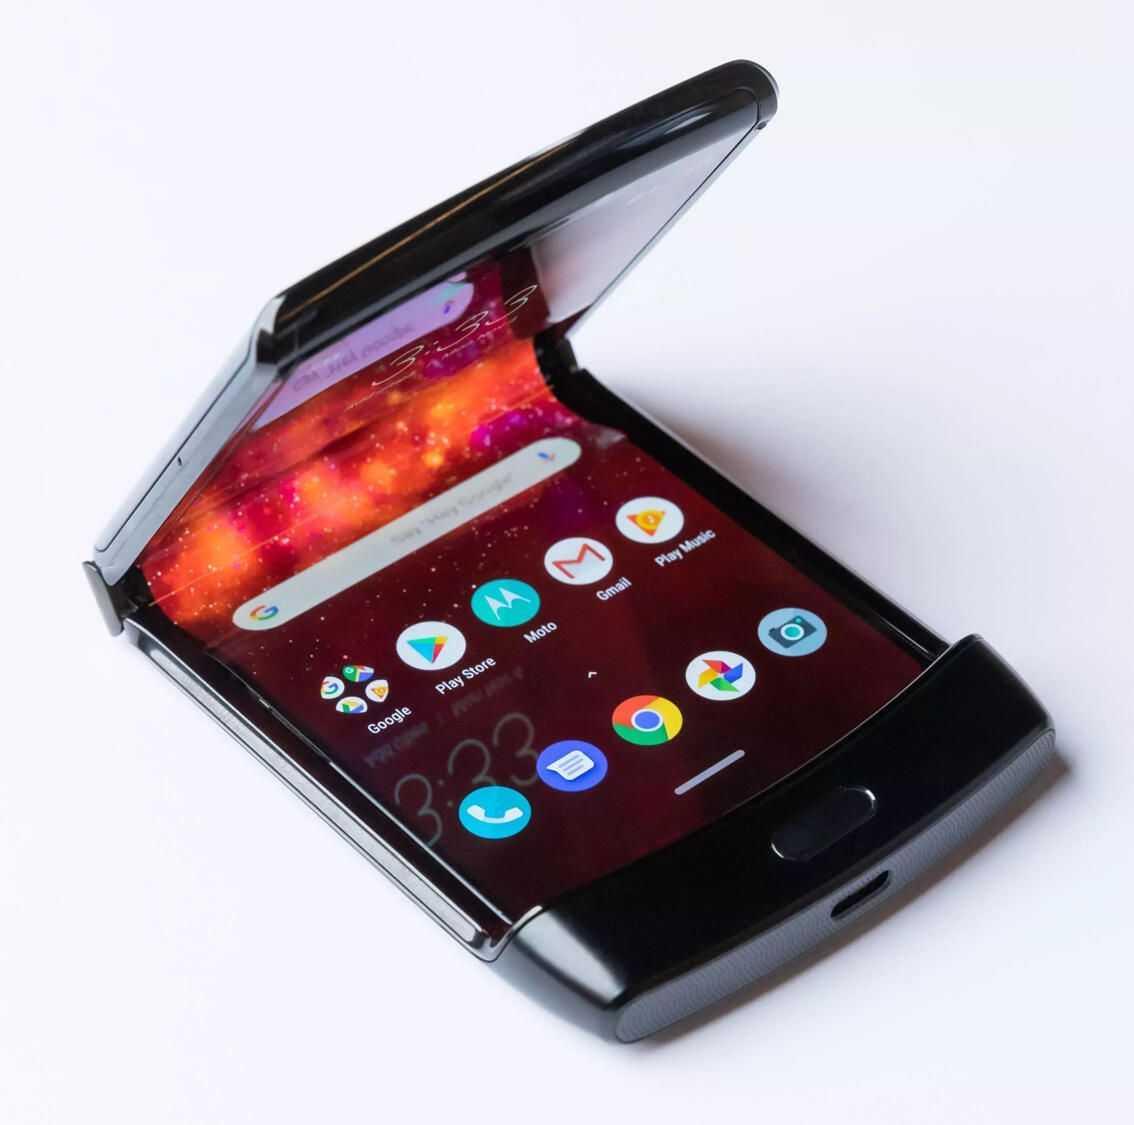 Lenovo выдала видеоролик со складным смартфоном motorola razr 2019 за свой ► последние новости